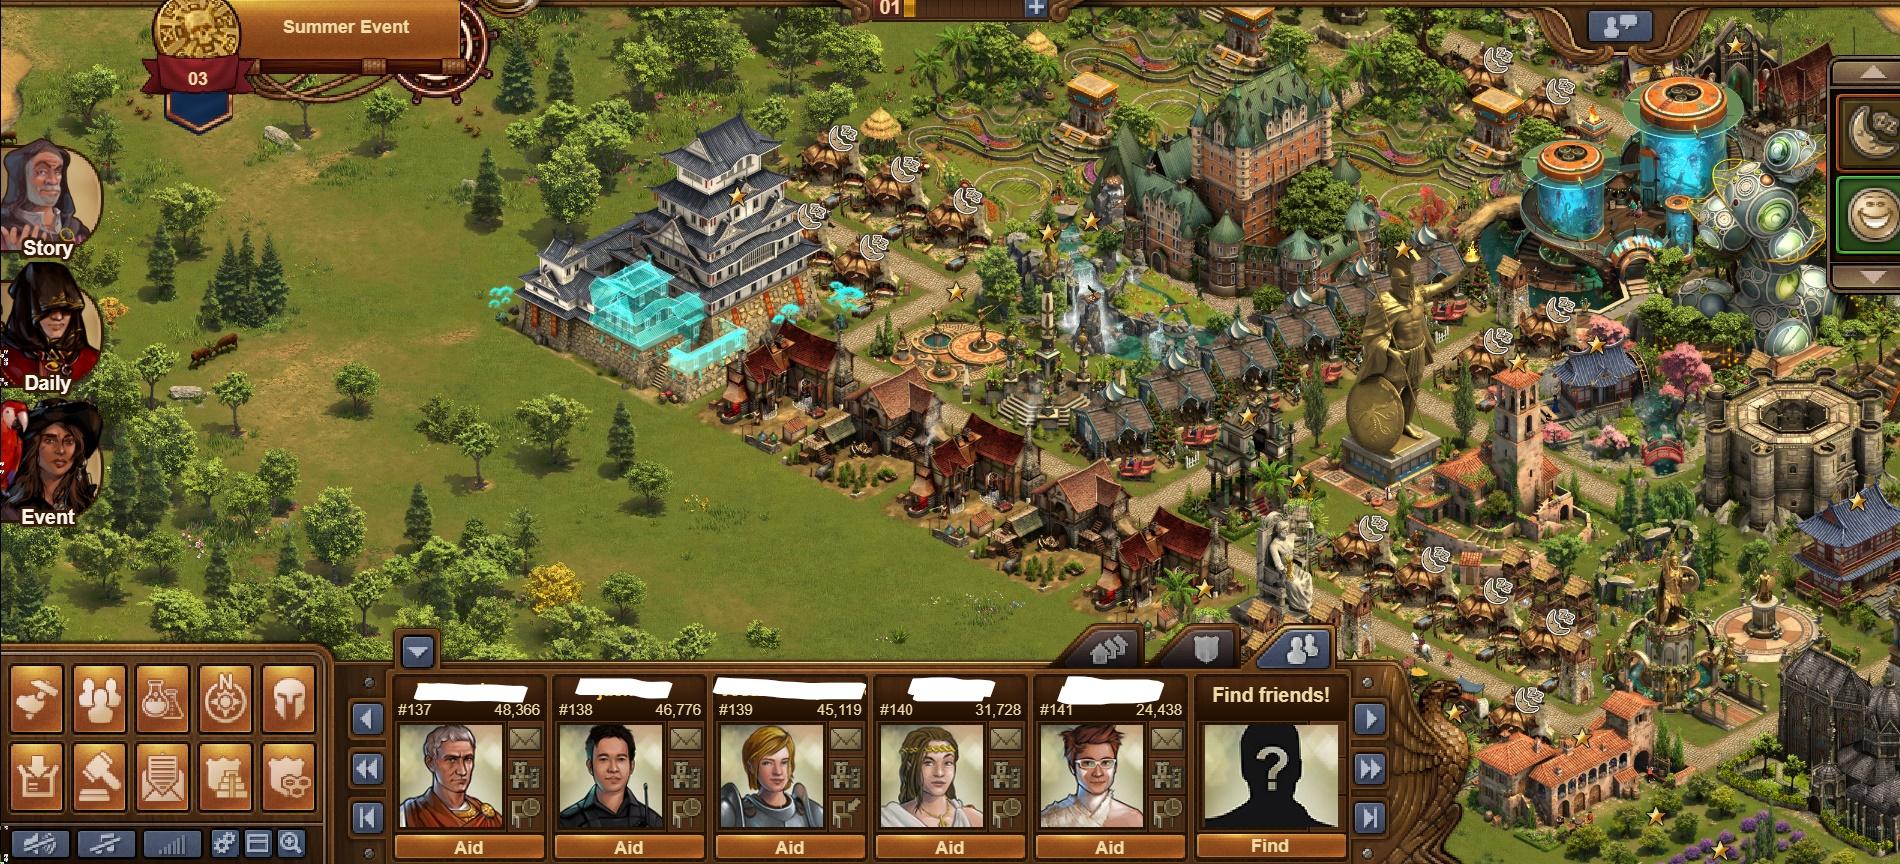 Screenshot (228)_LI.jpg